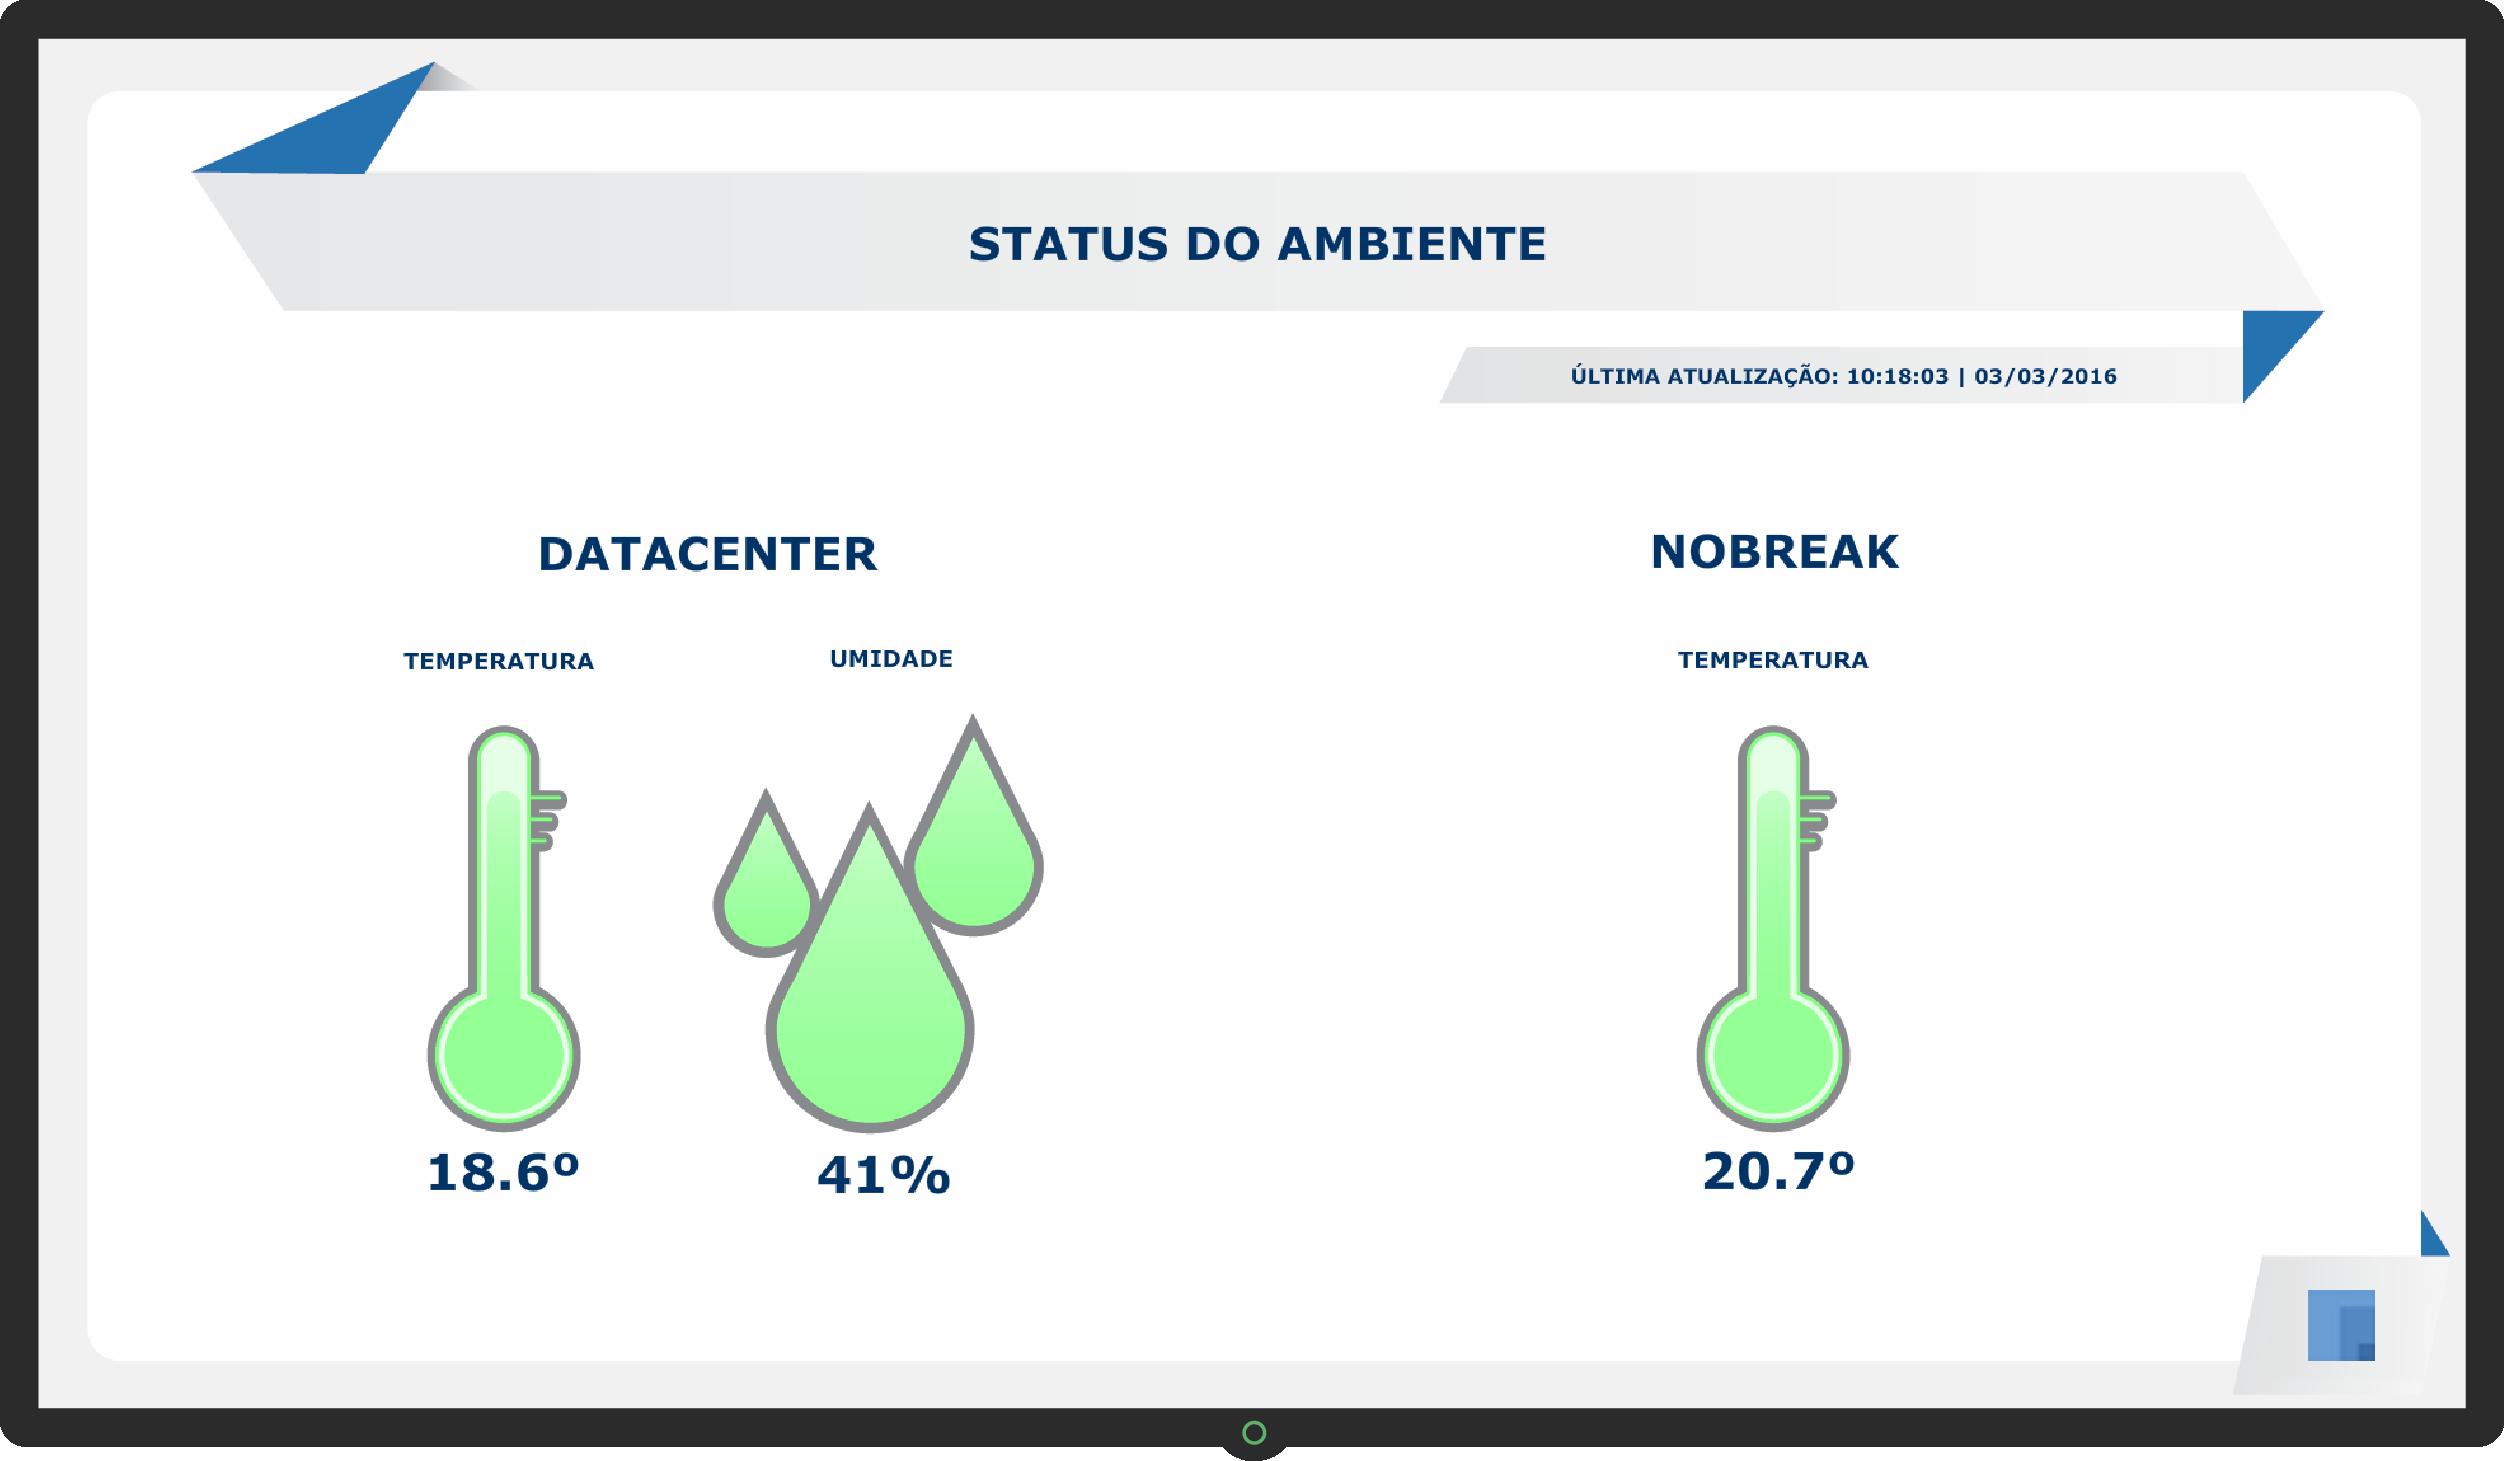 IOT - Monitoramento de Datacenter